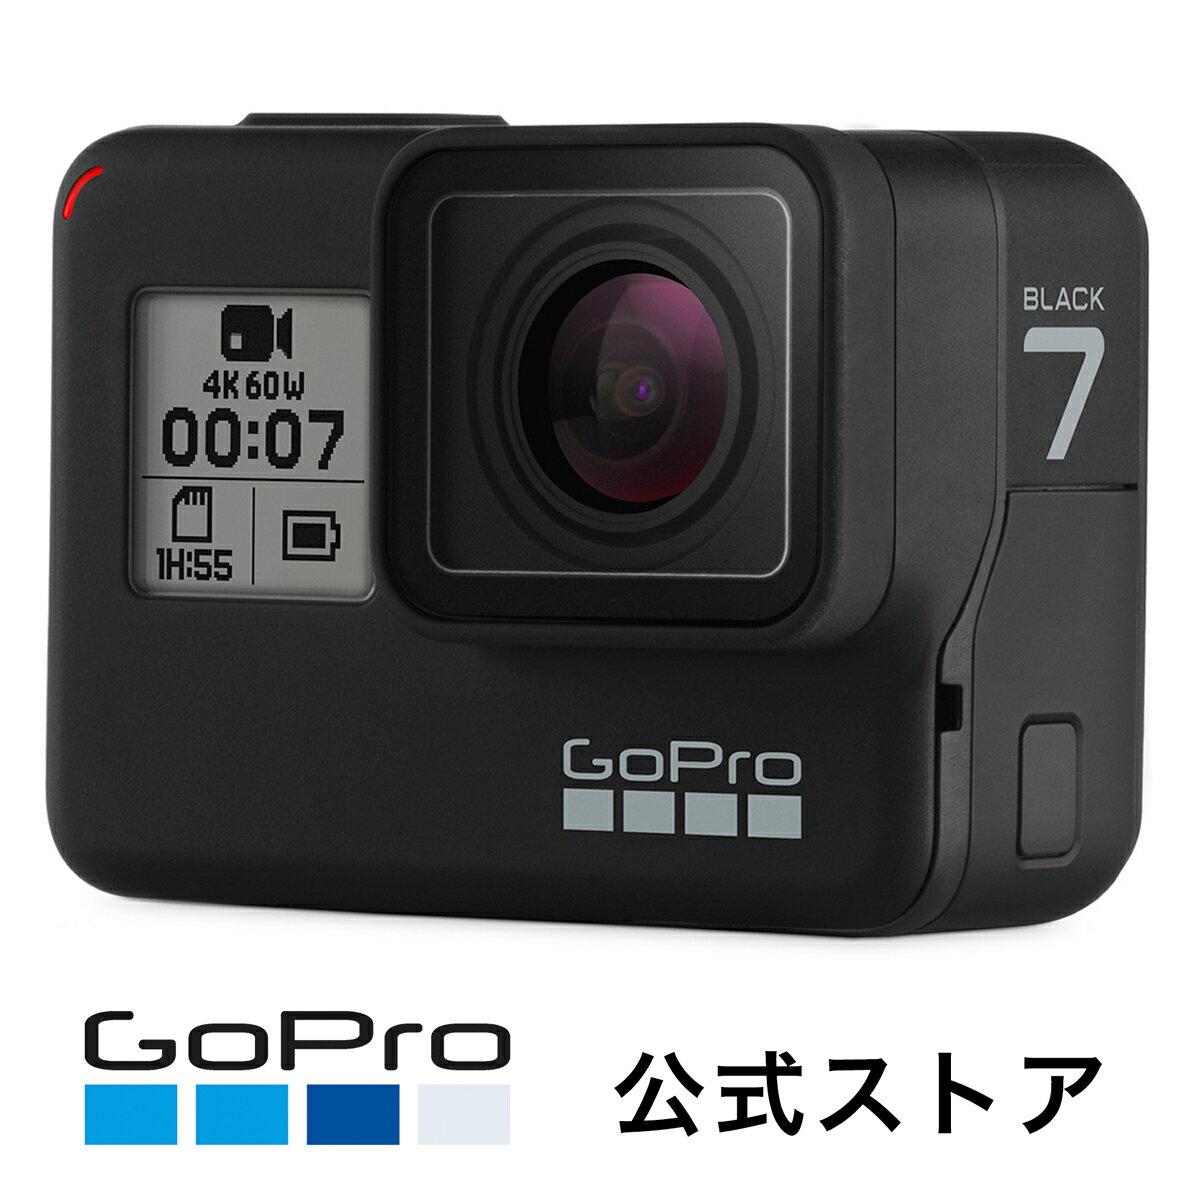 GoPro(ゴープロ) HERO7 Black ヒーロー7 ブラック CHDHX-701-FW ※MicroSDカードは付属しません